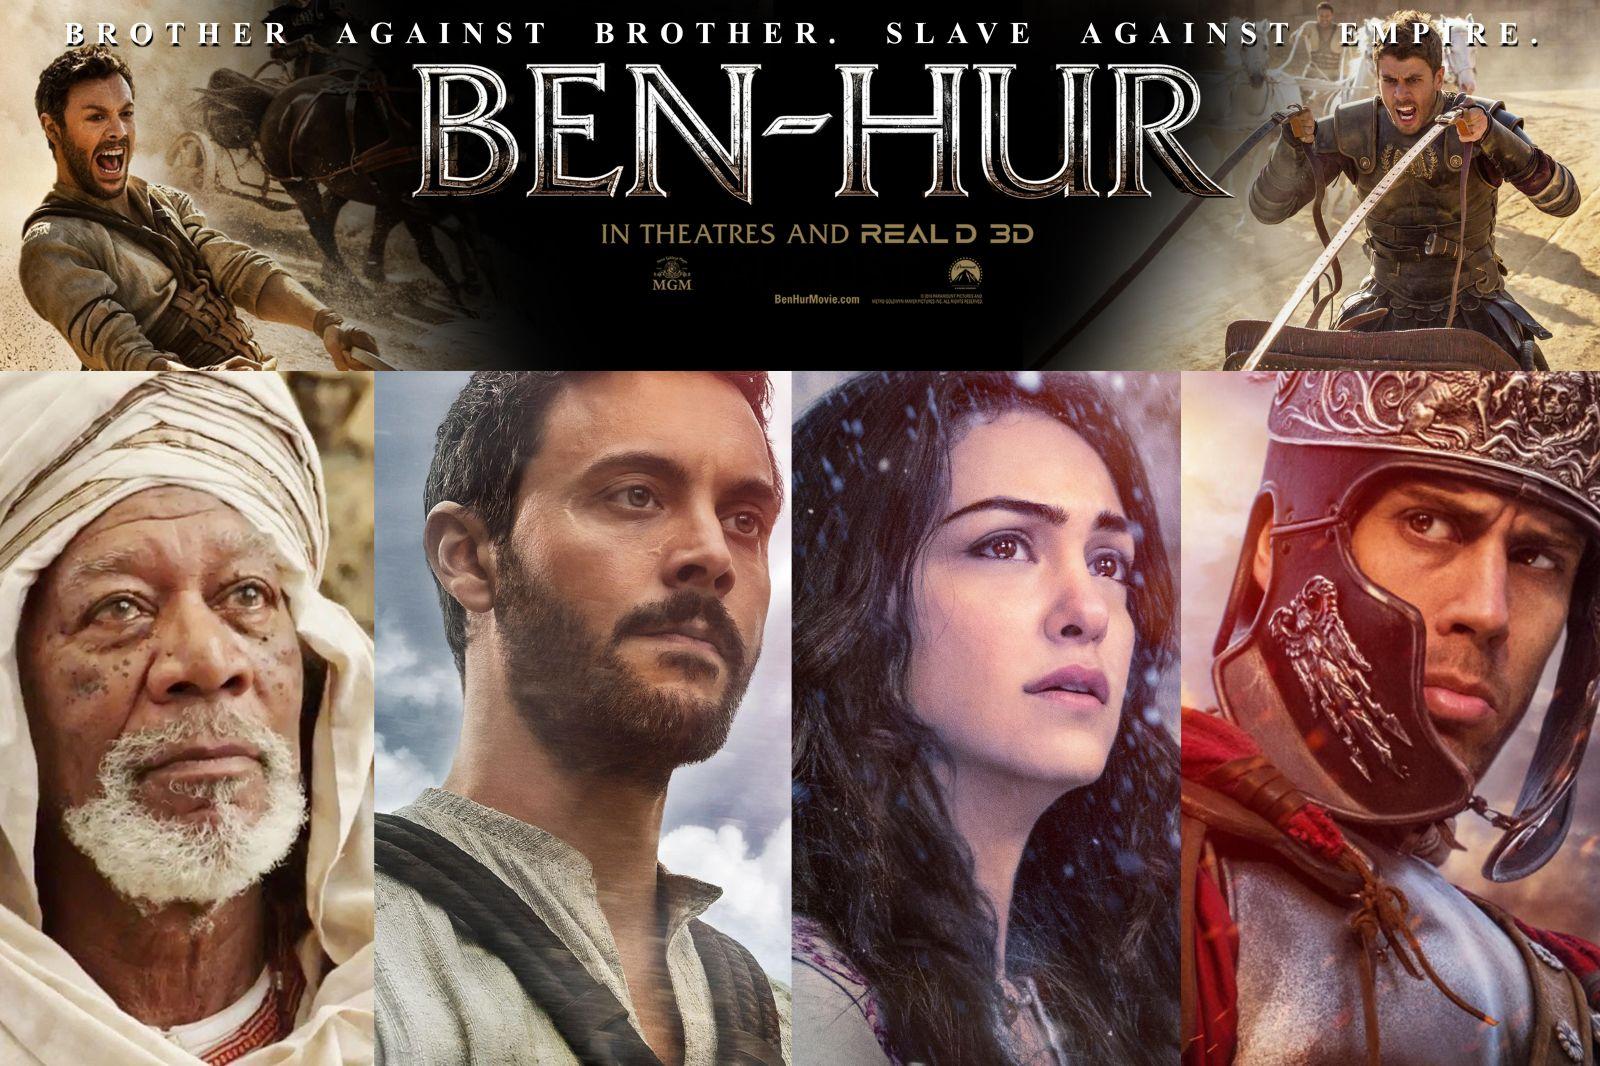 ben hur full movie in hindi free download mp4